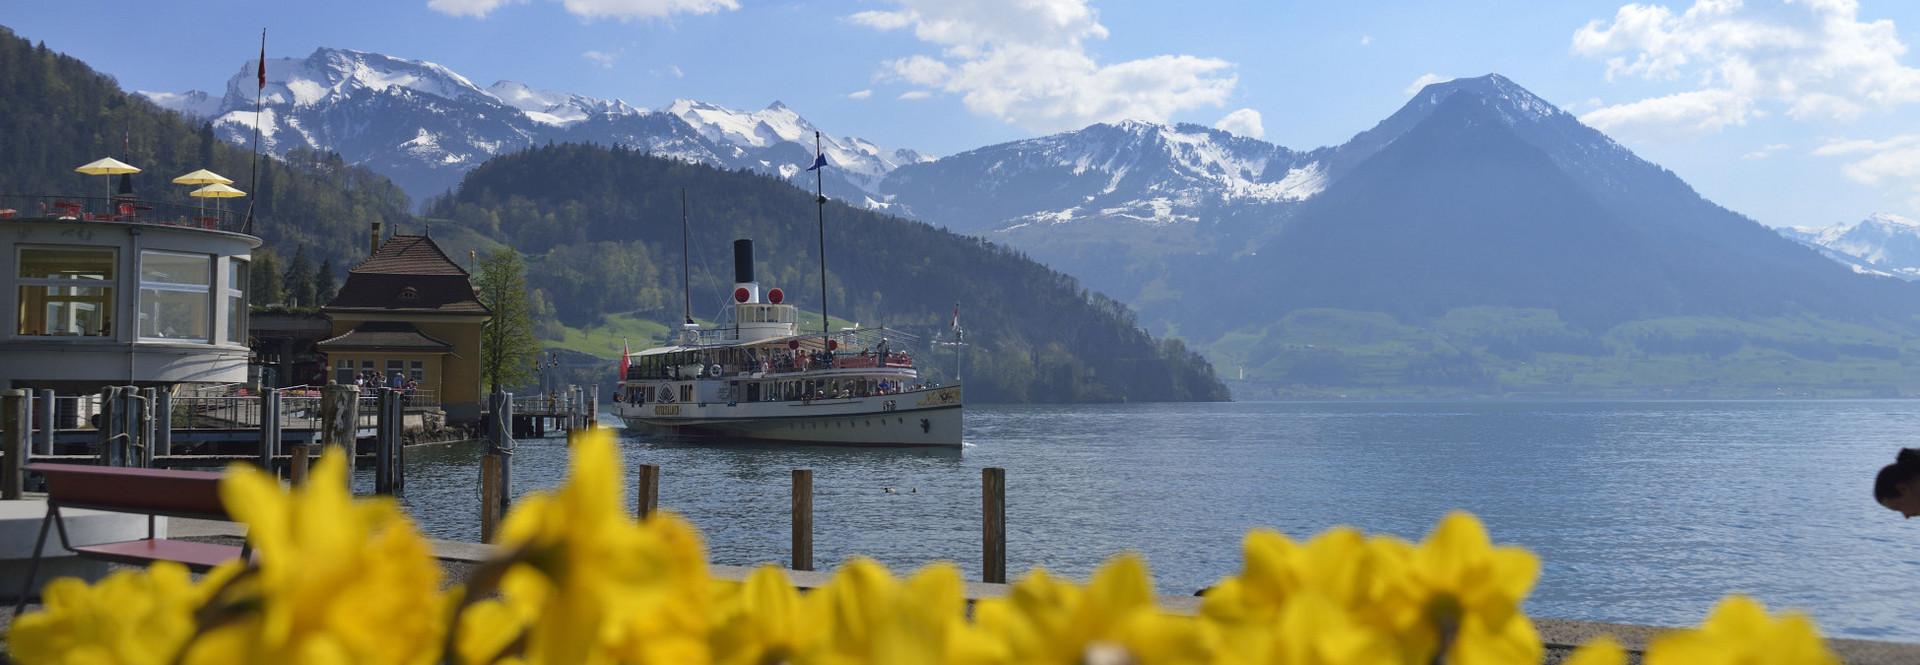 Das Dampfschiff Unterwalden steht am Hafen von Vitznau.